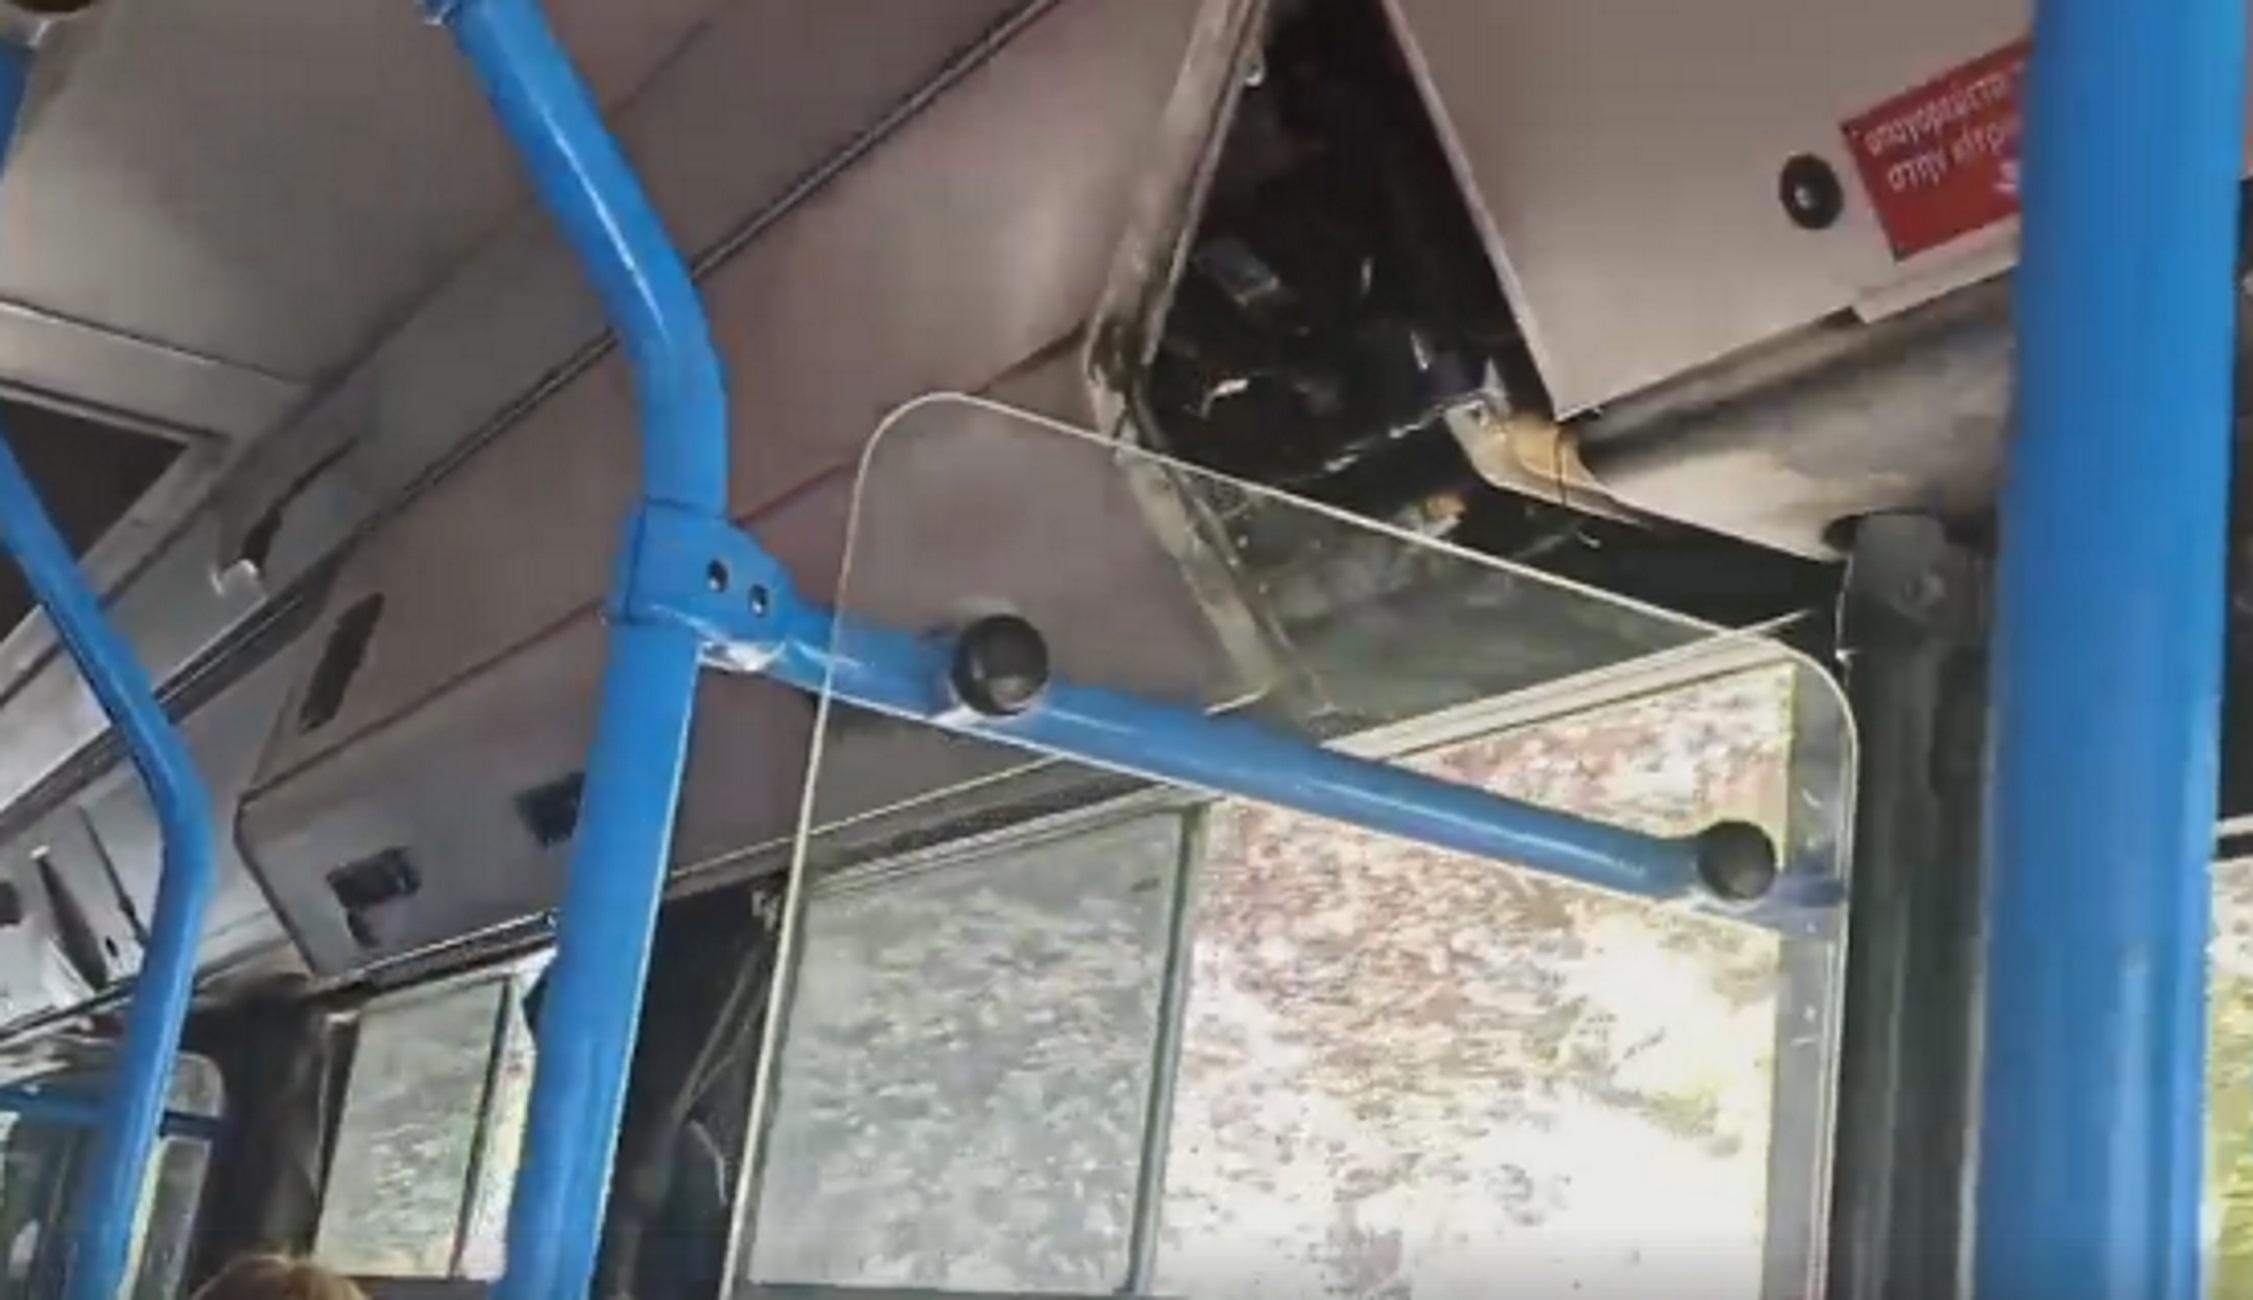 Θεσσαλονίκη: Μέσα στο λεωφορείο με τα χέρια πάνω στα κεφάλια τους – Νέες σκηνές απείρου κάλλους (video)